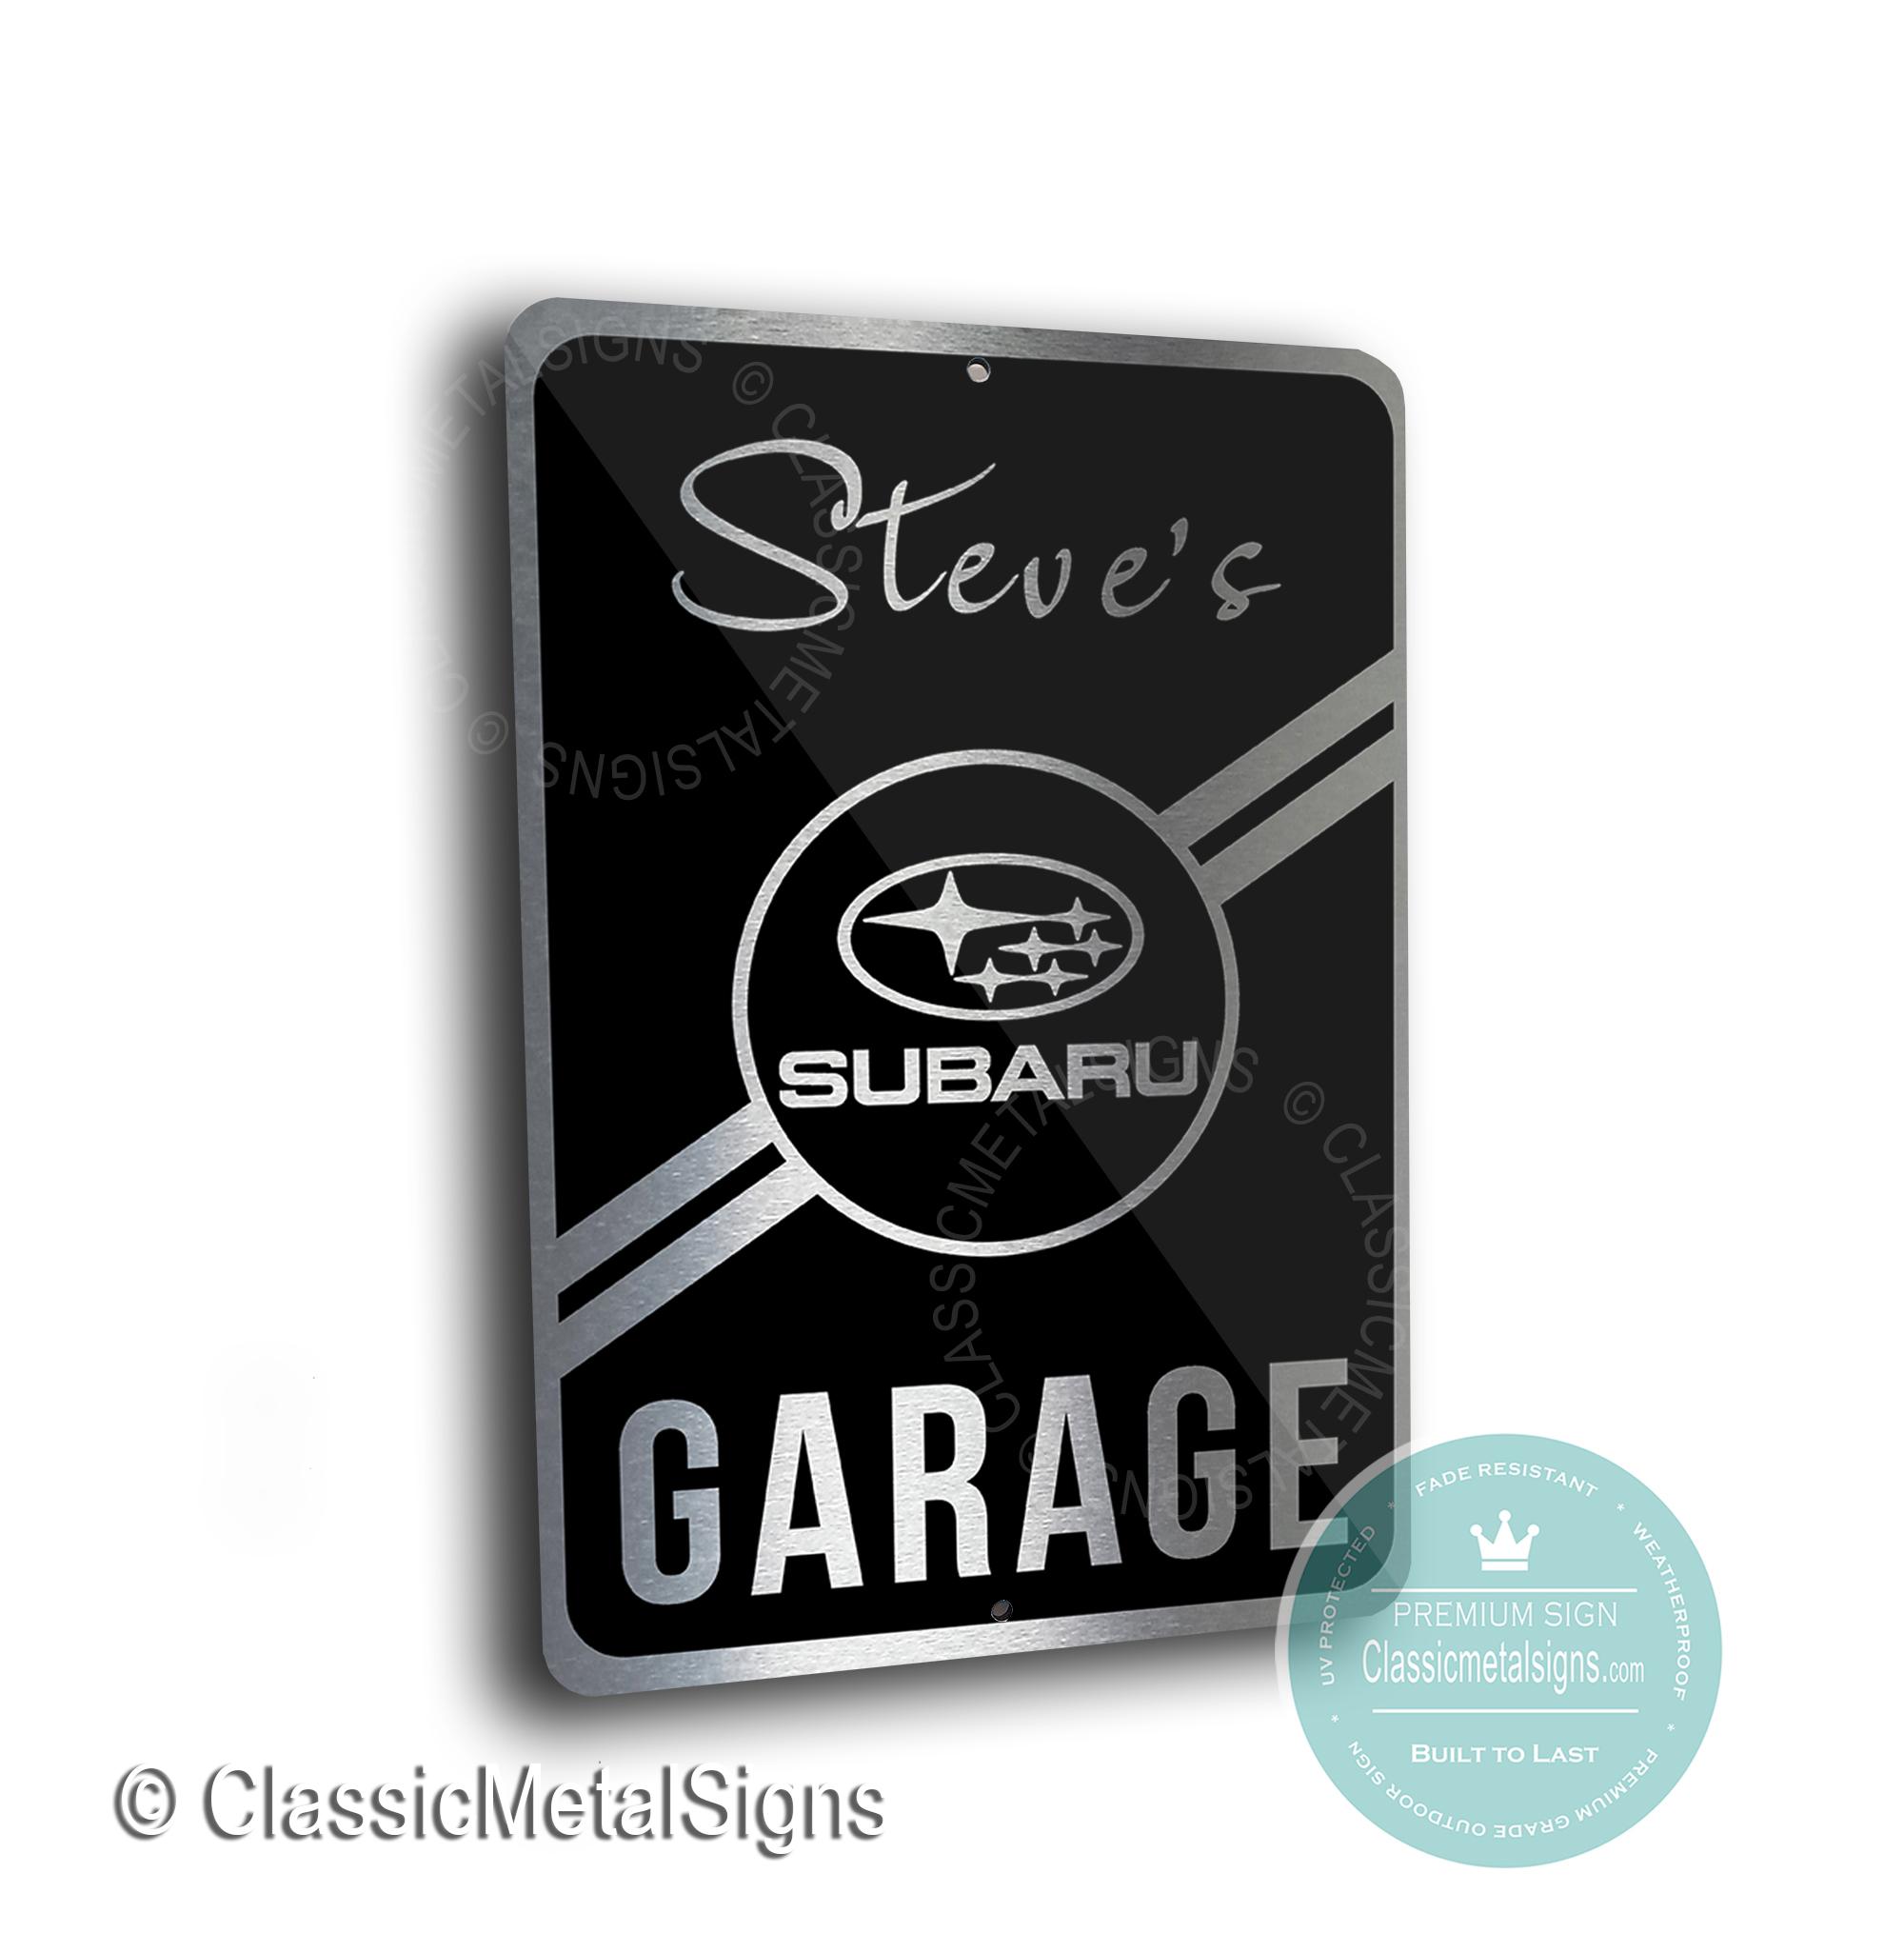 Subaru Garage Signs